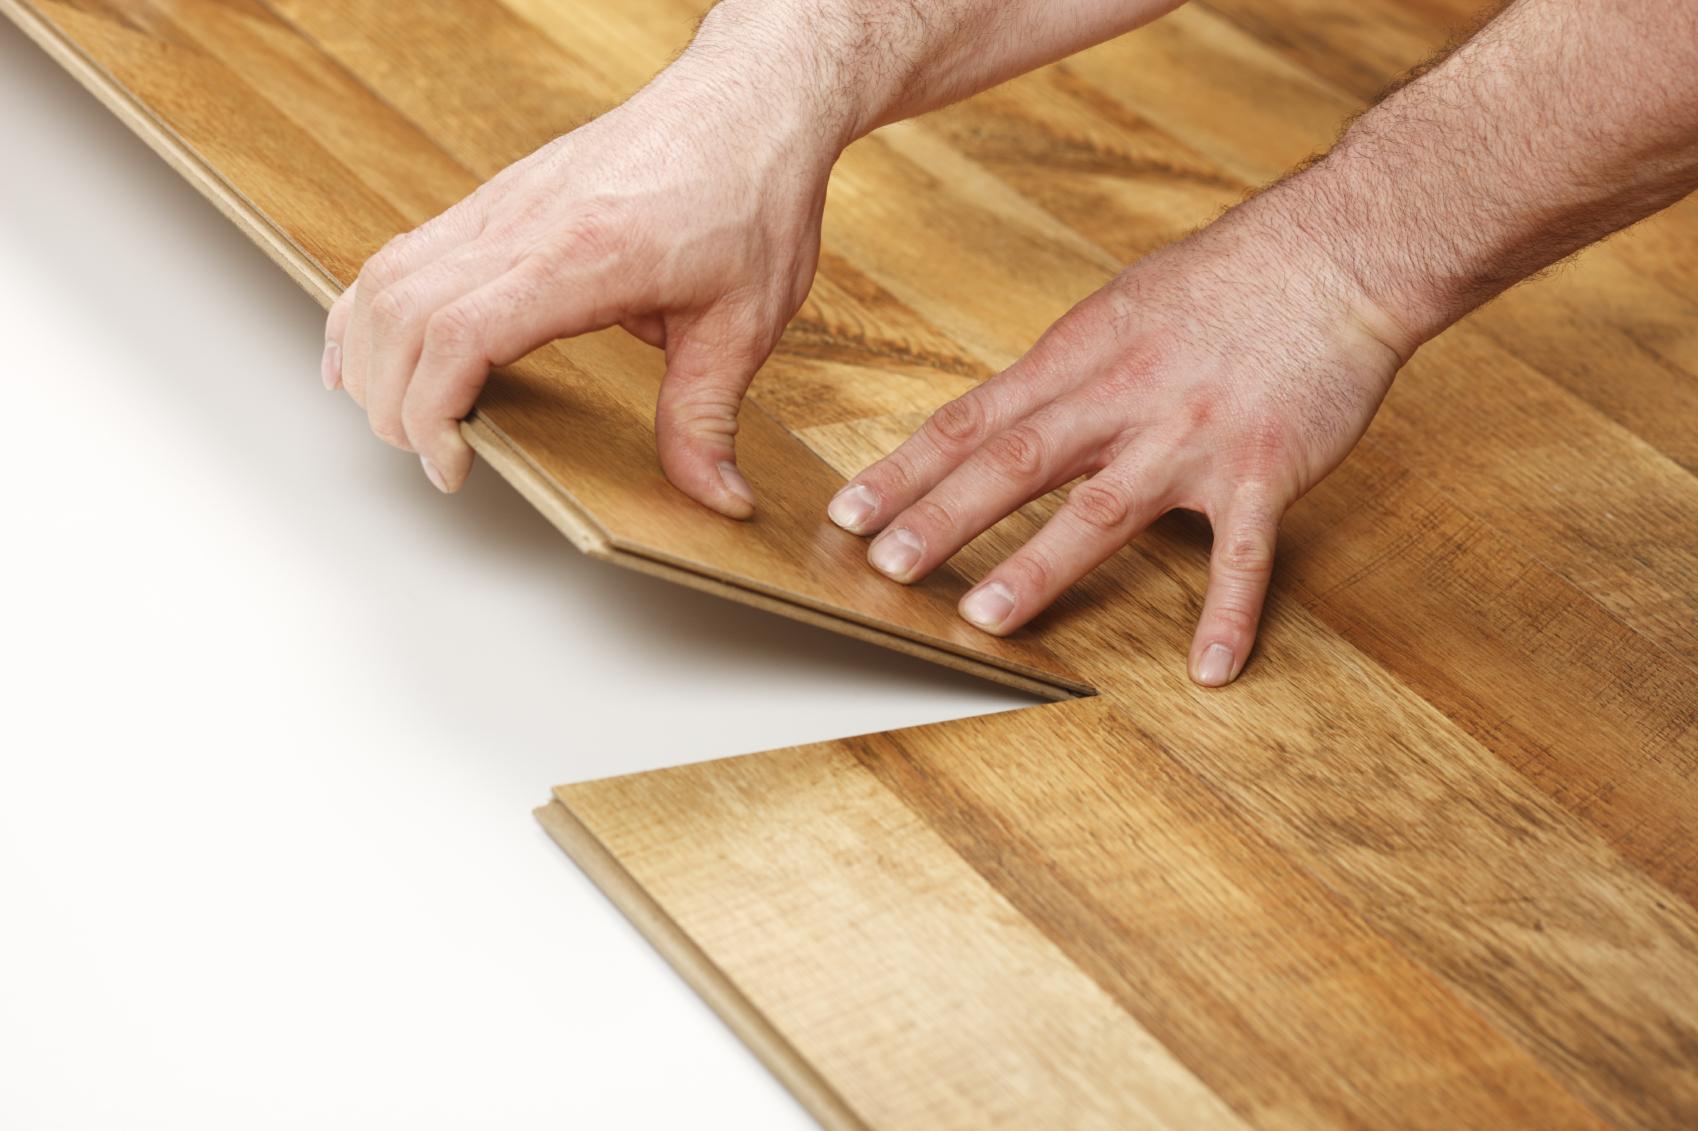 Укладка ламината своими руками на деревянный пол-пошаговая инструкция